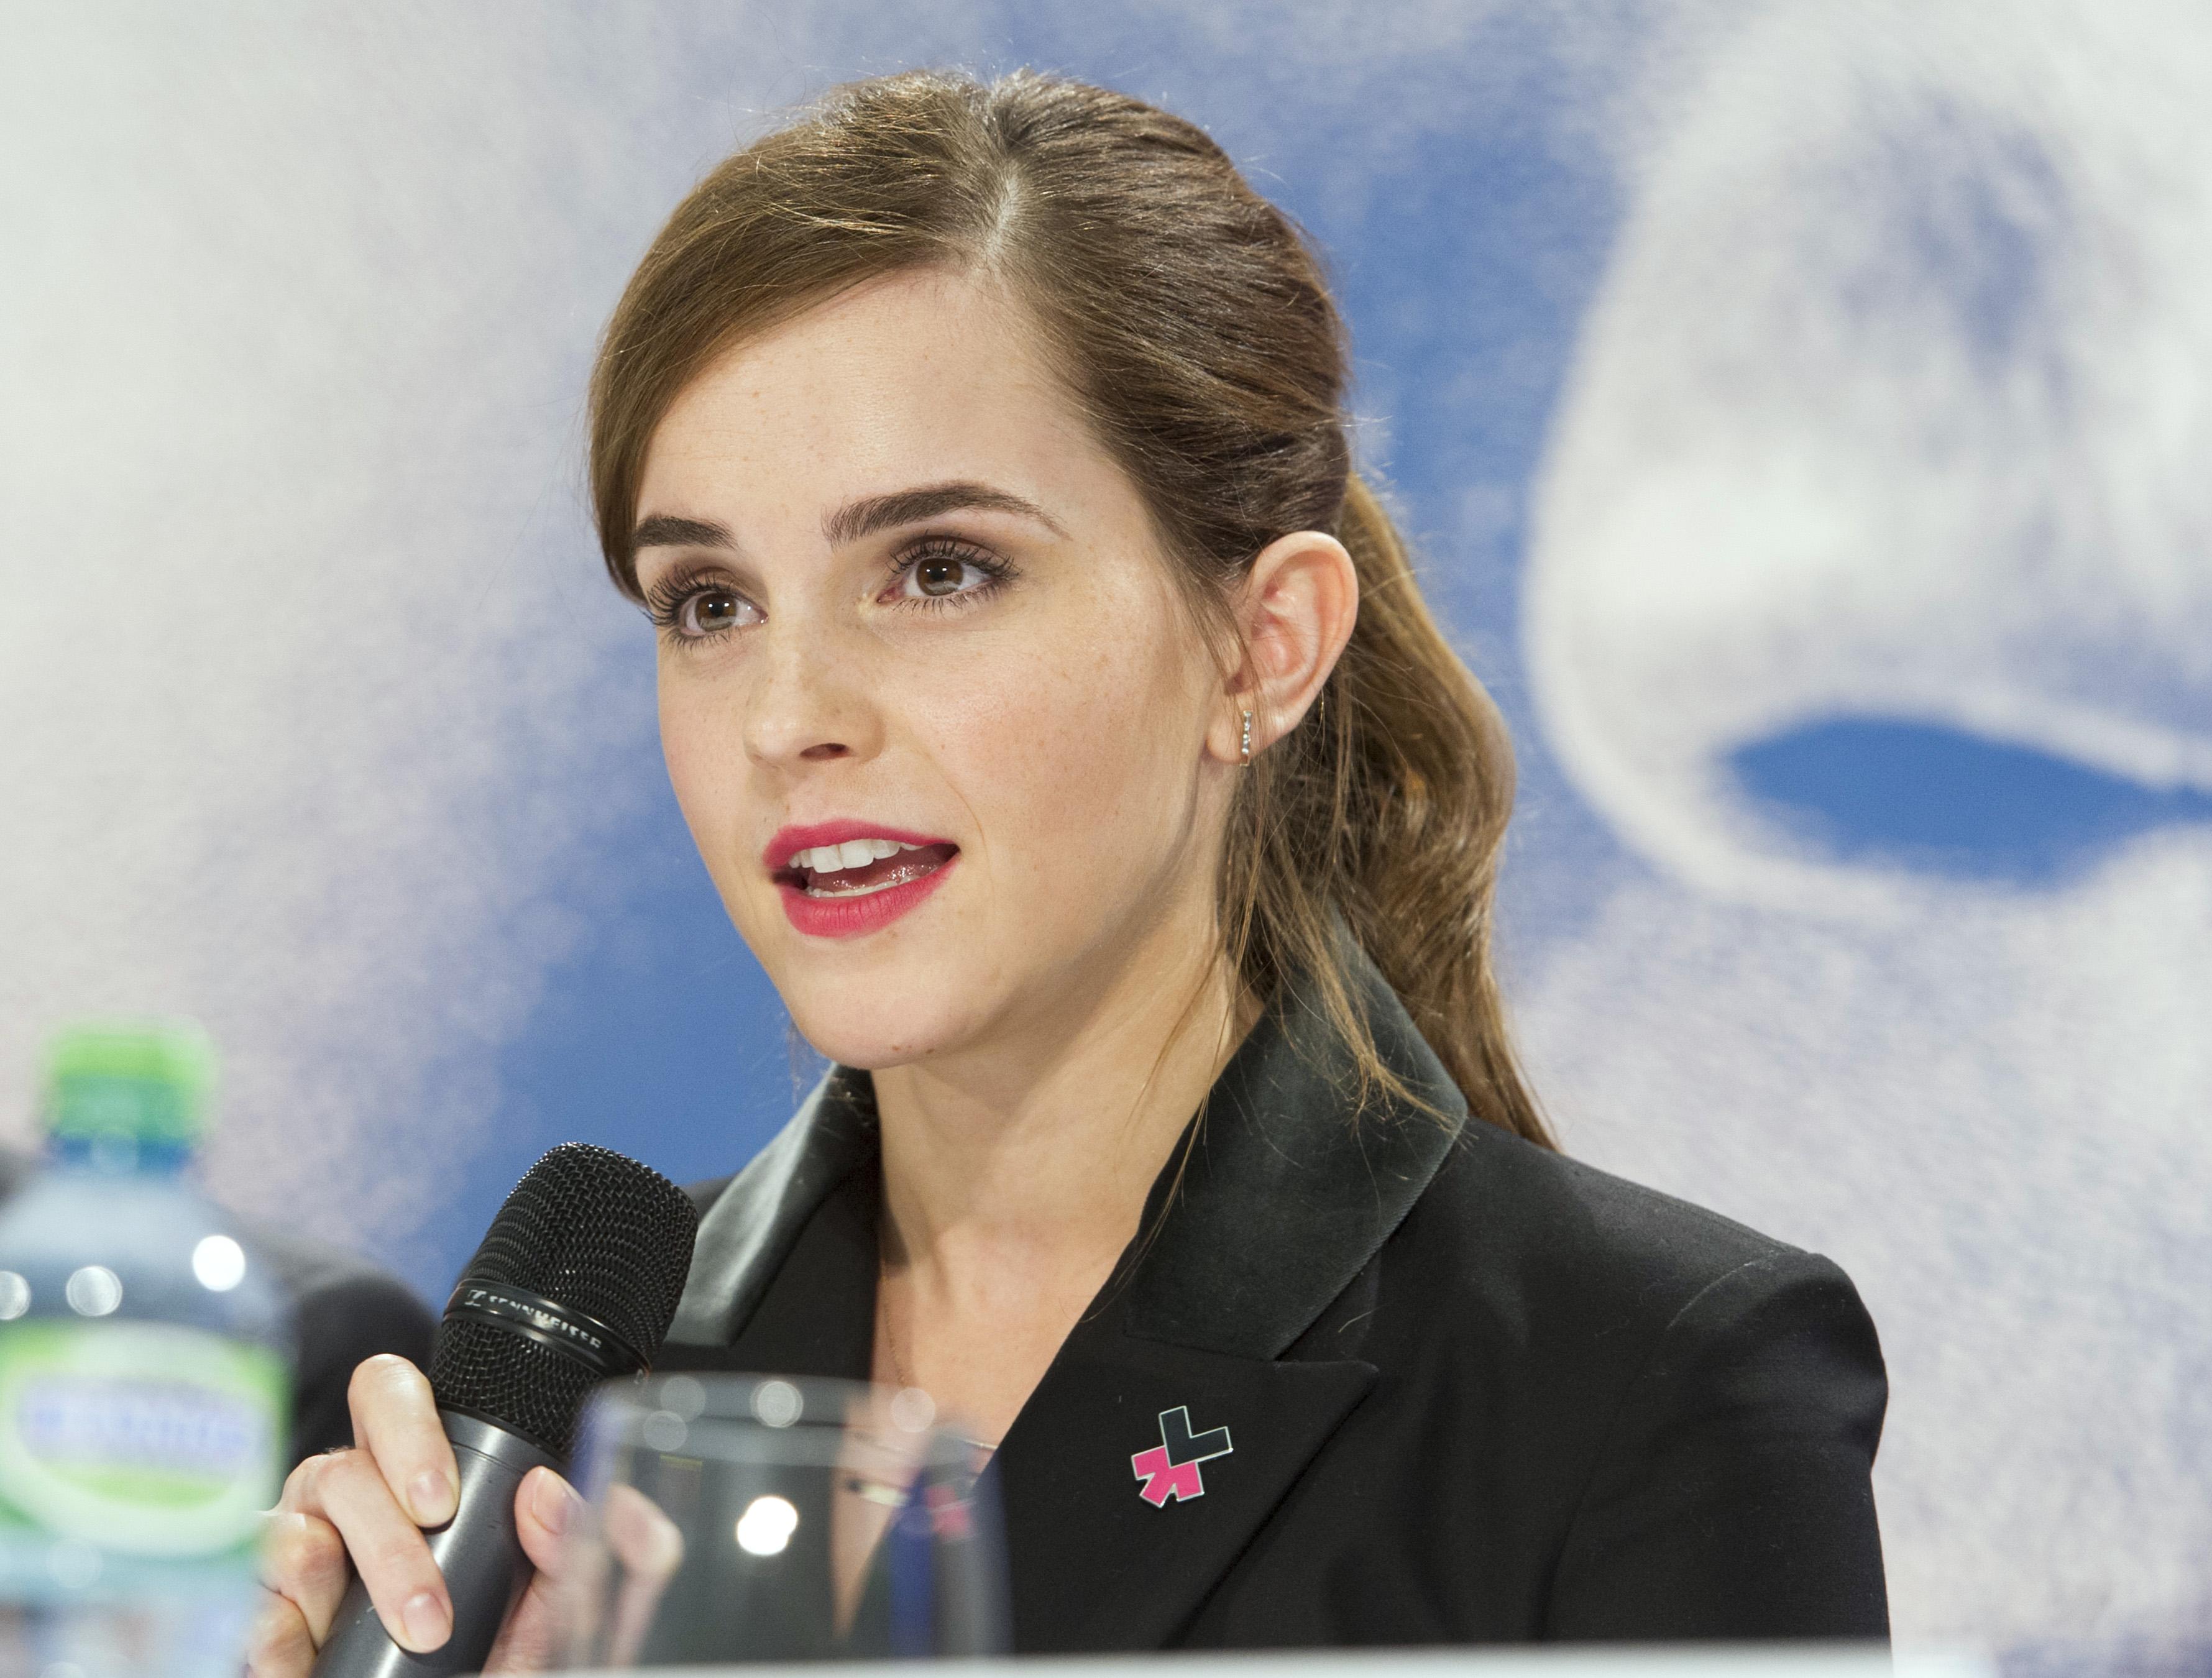 Emma Watson en la ONU - 3559x2700